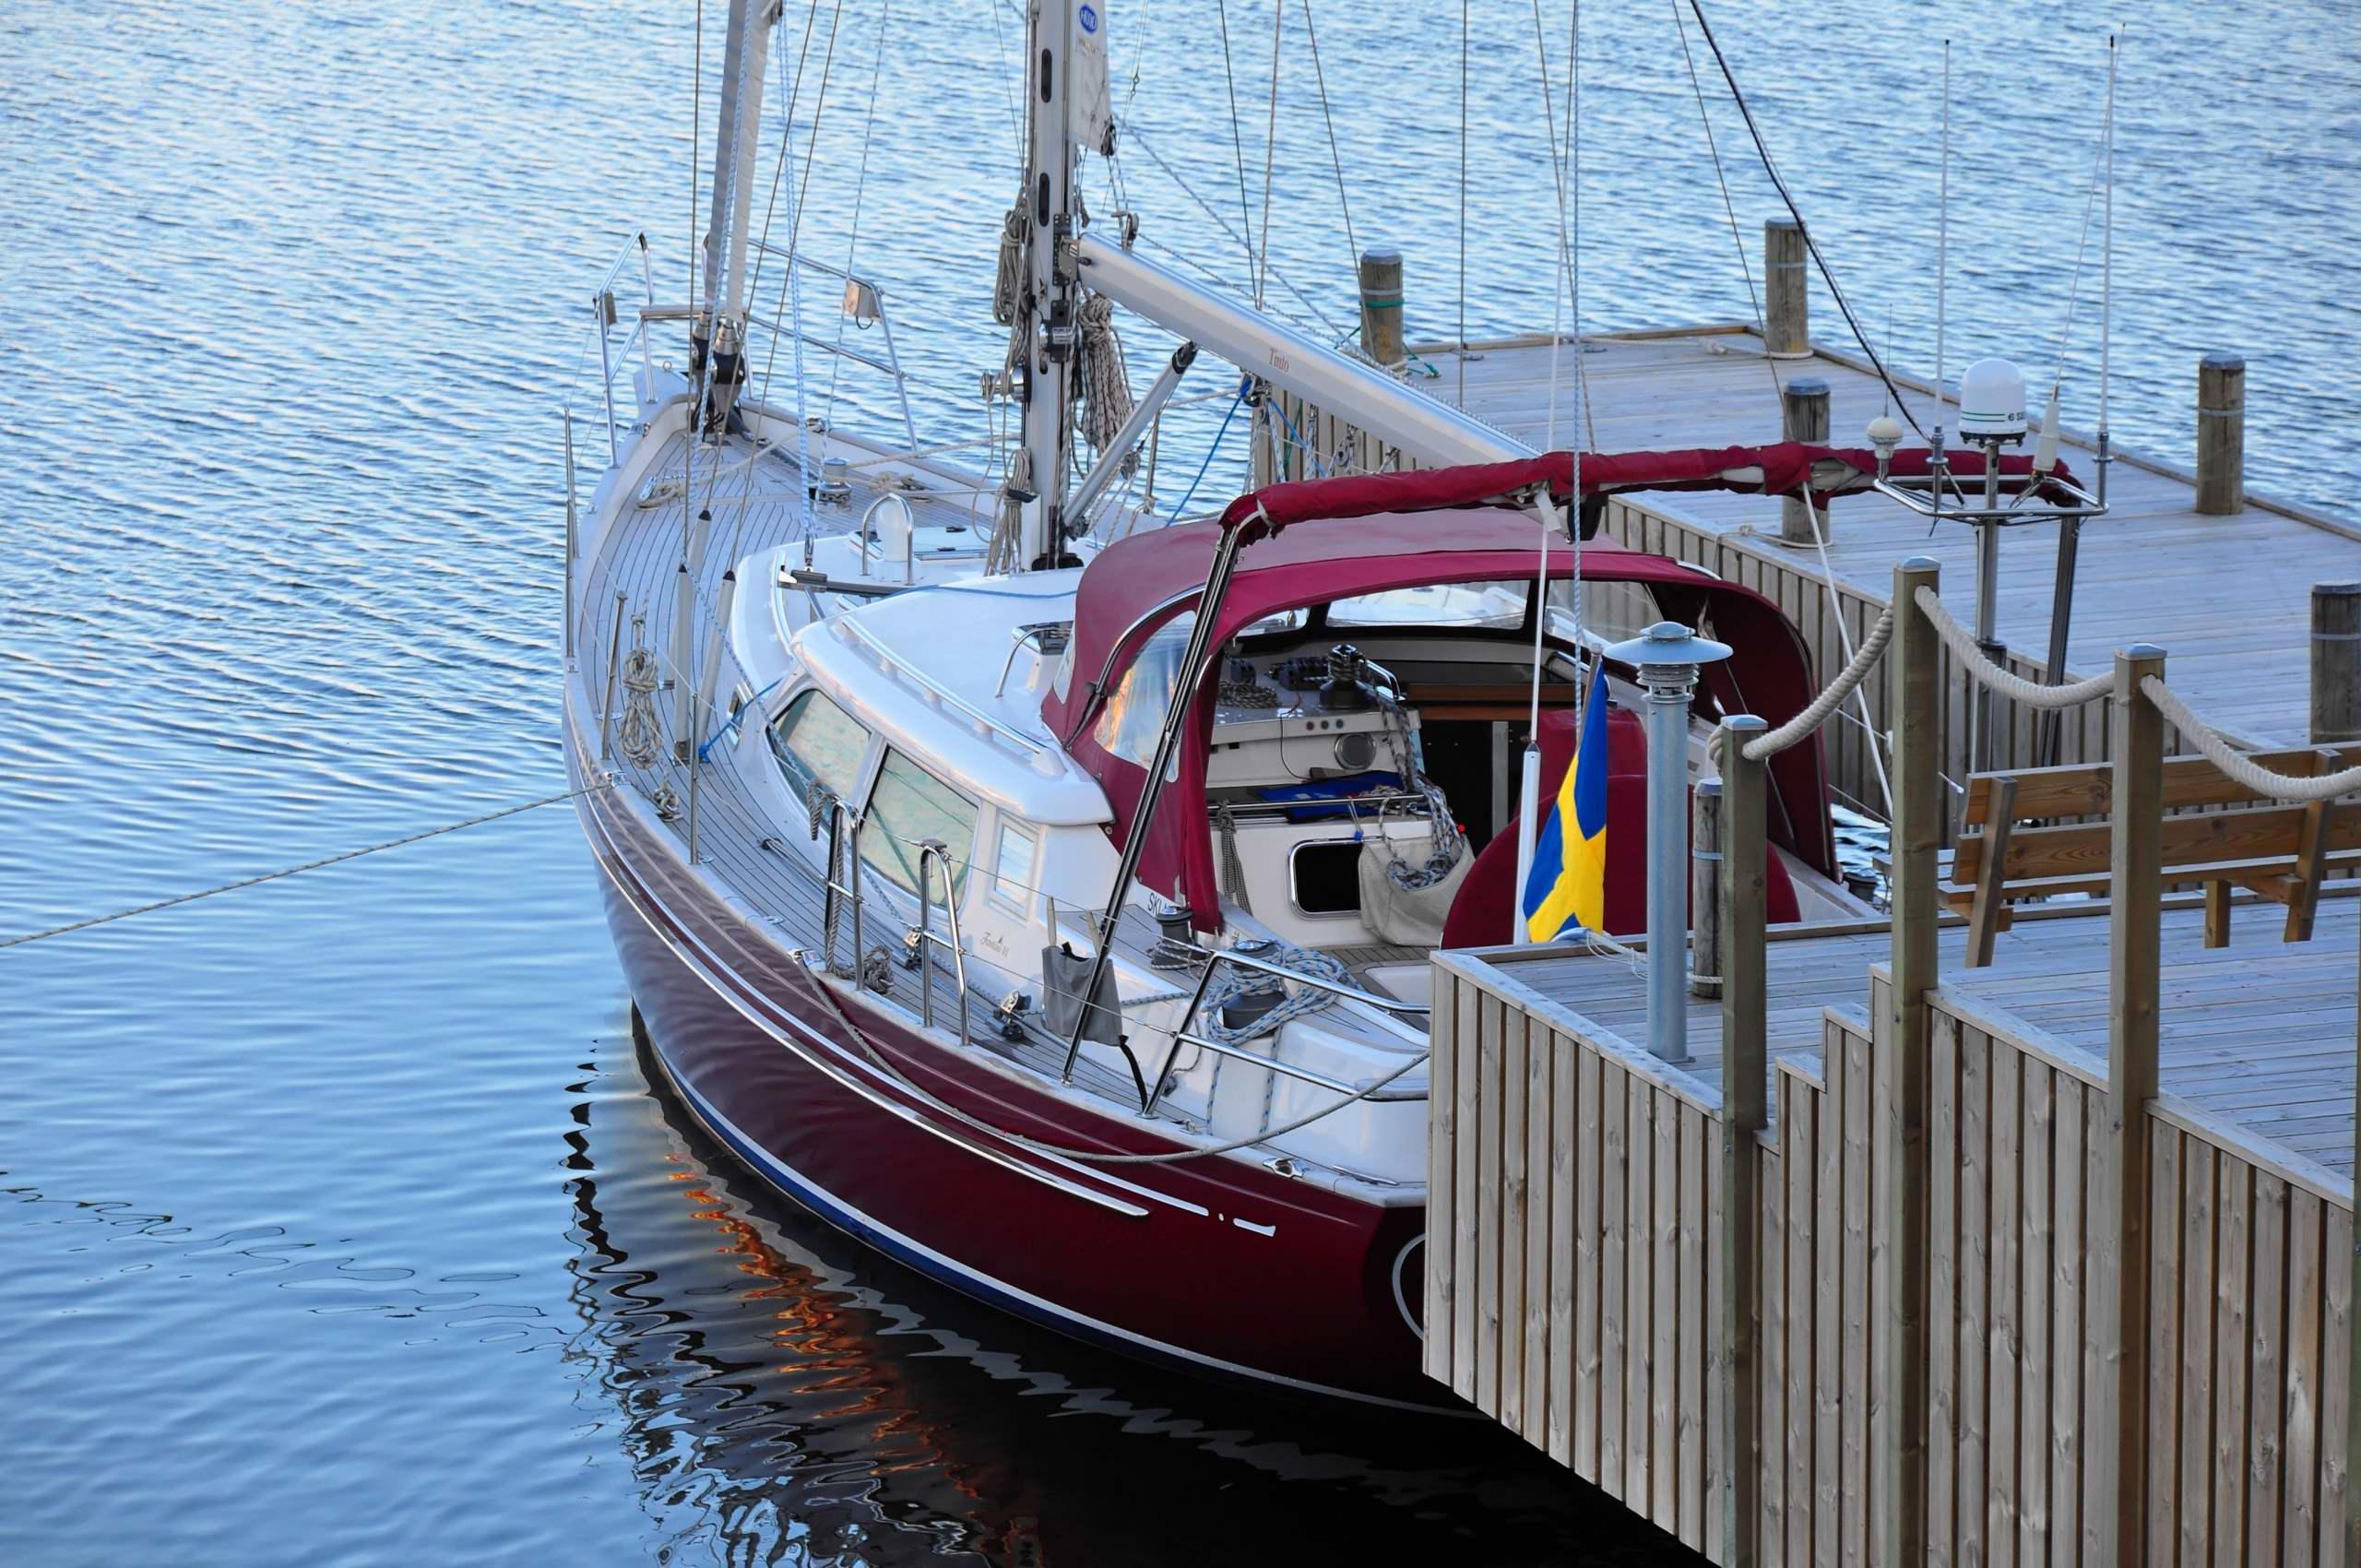 Fantasi 44 'Tinto' at home dock